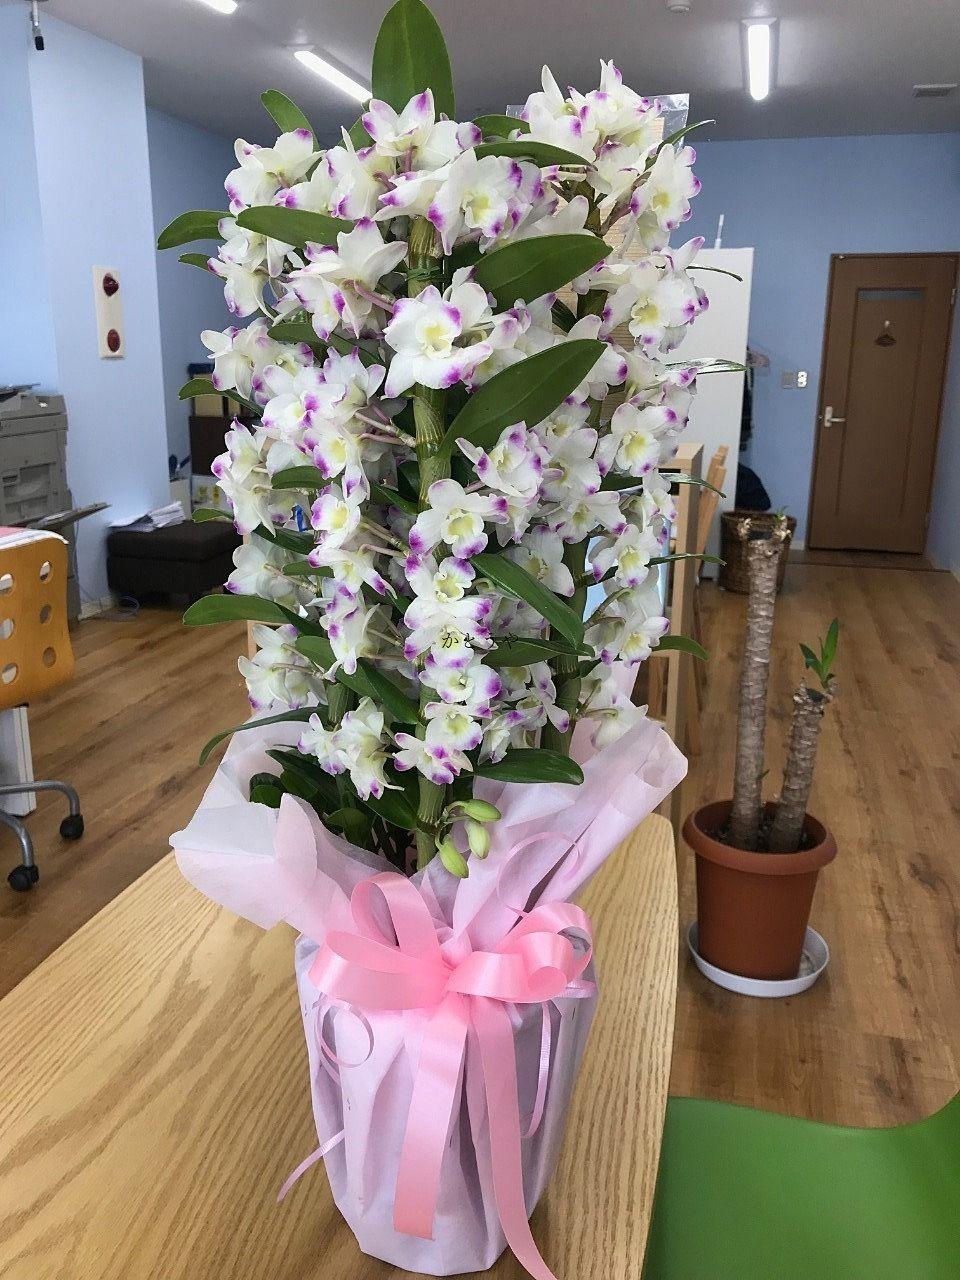 流山セントラルパーク駅前のかとうや3周年のお祝いにお花を頂戴しました。